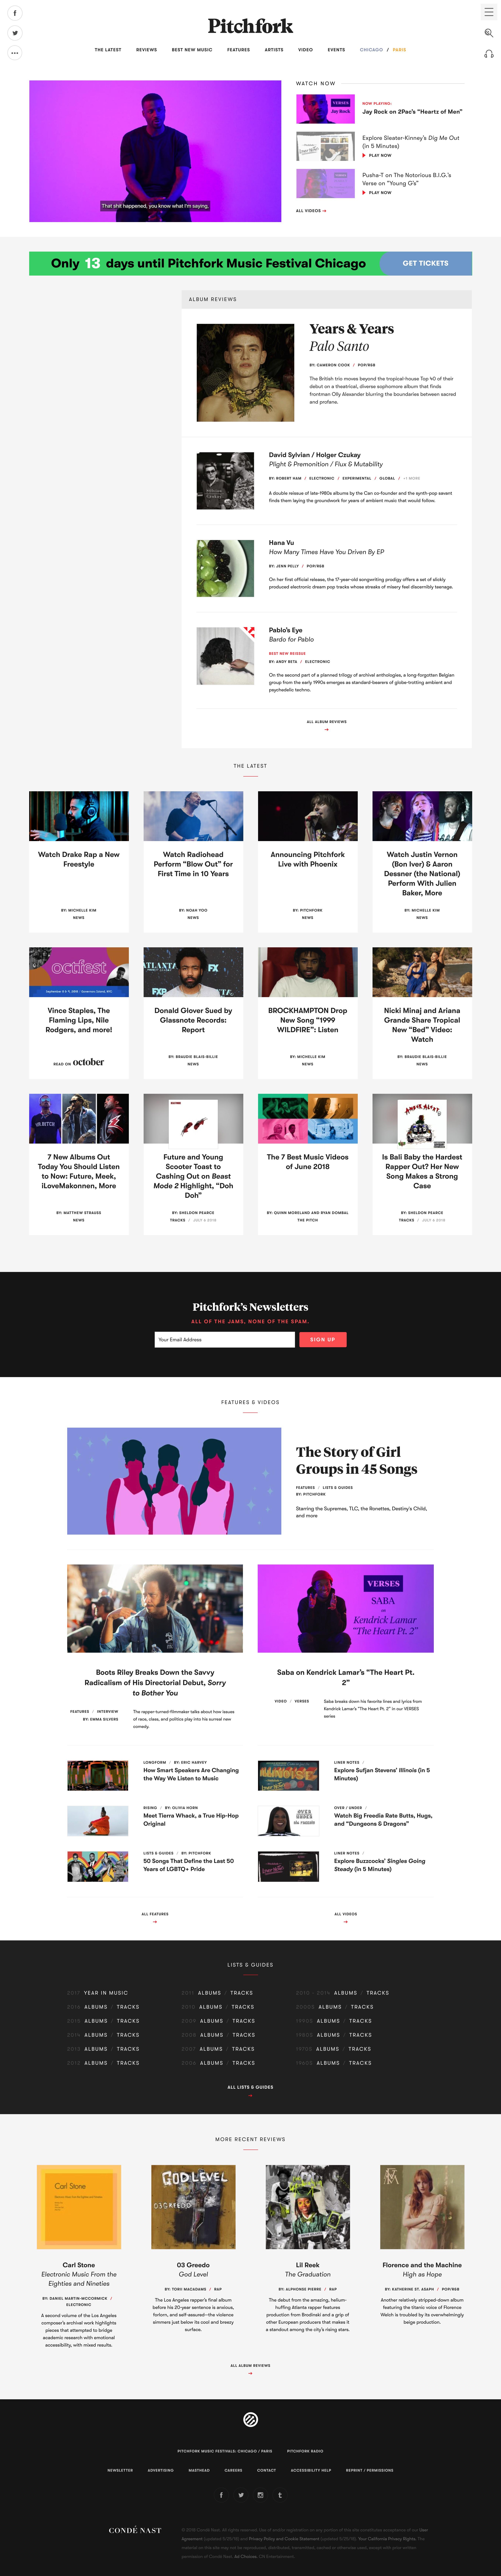 Pitchfork redesign